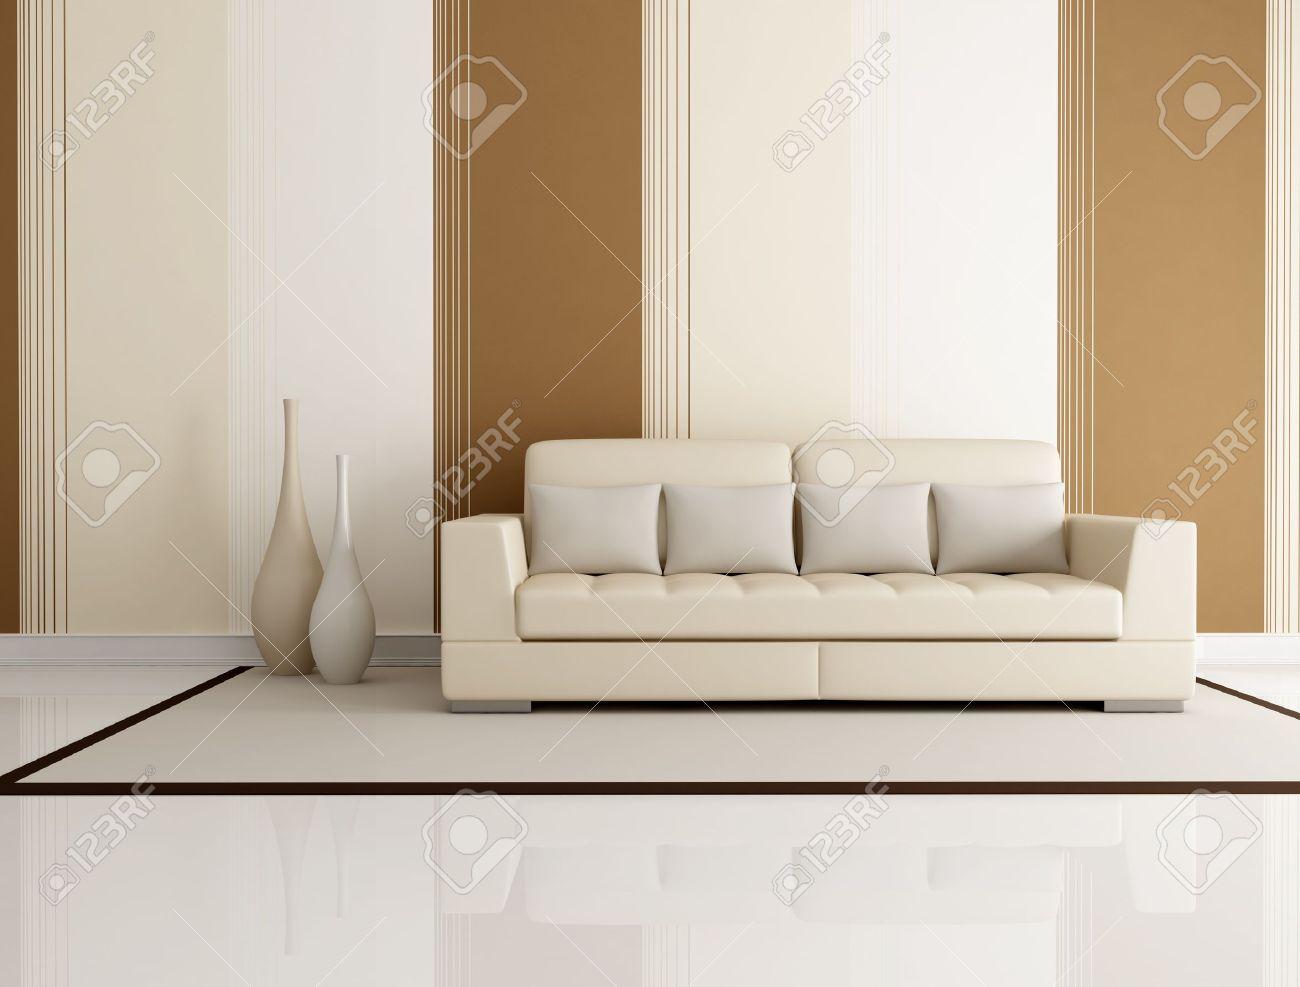 Salon Beige Et Marron Avec Un Canape Beige Et Papier Peint Rendu